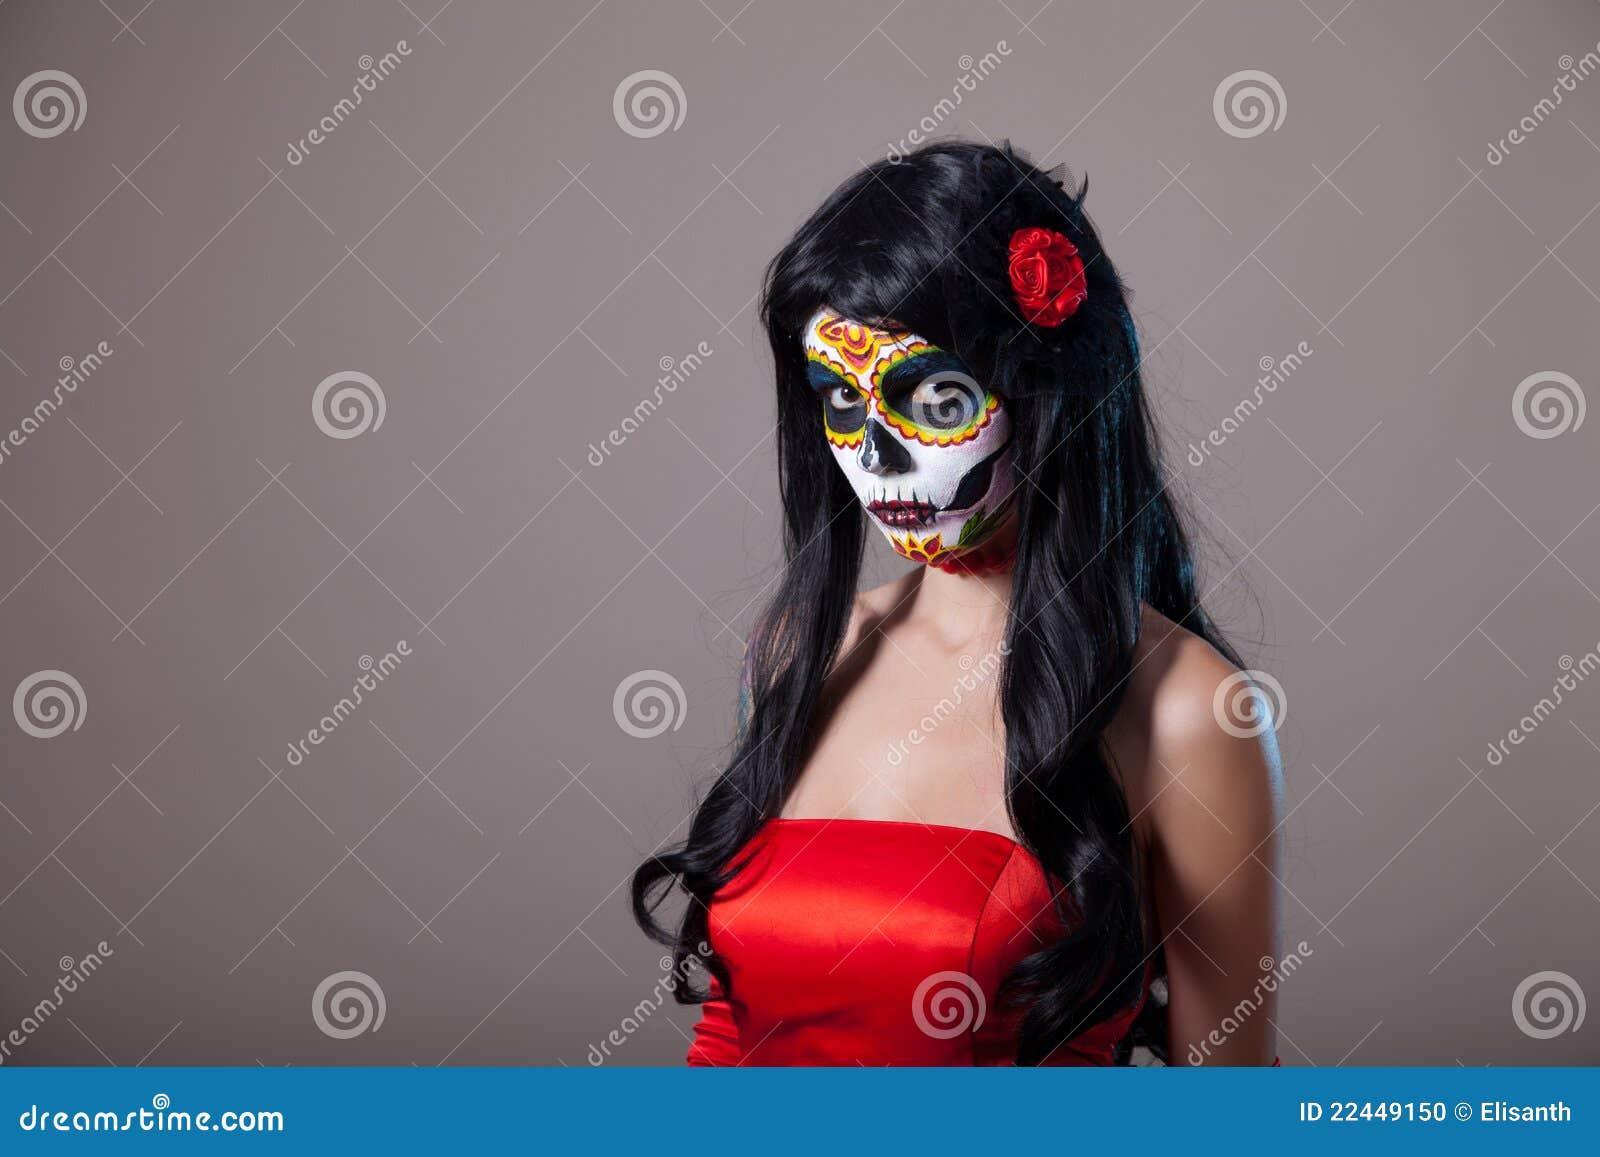 Фото девушек с маской черепа